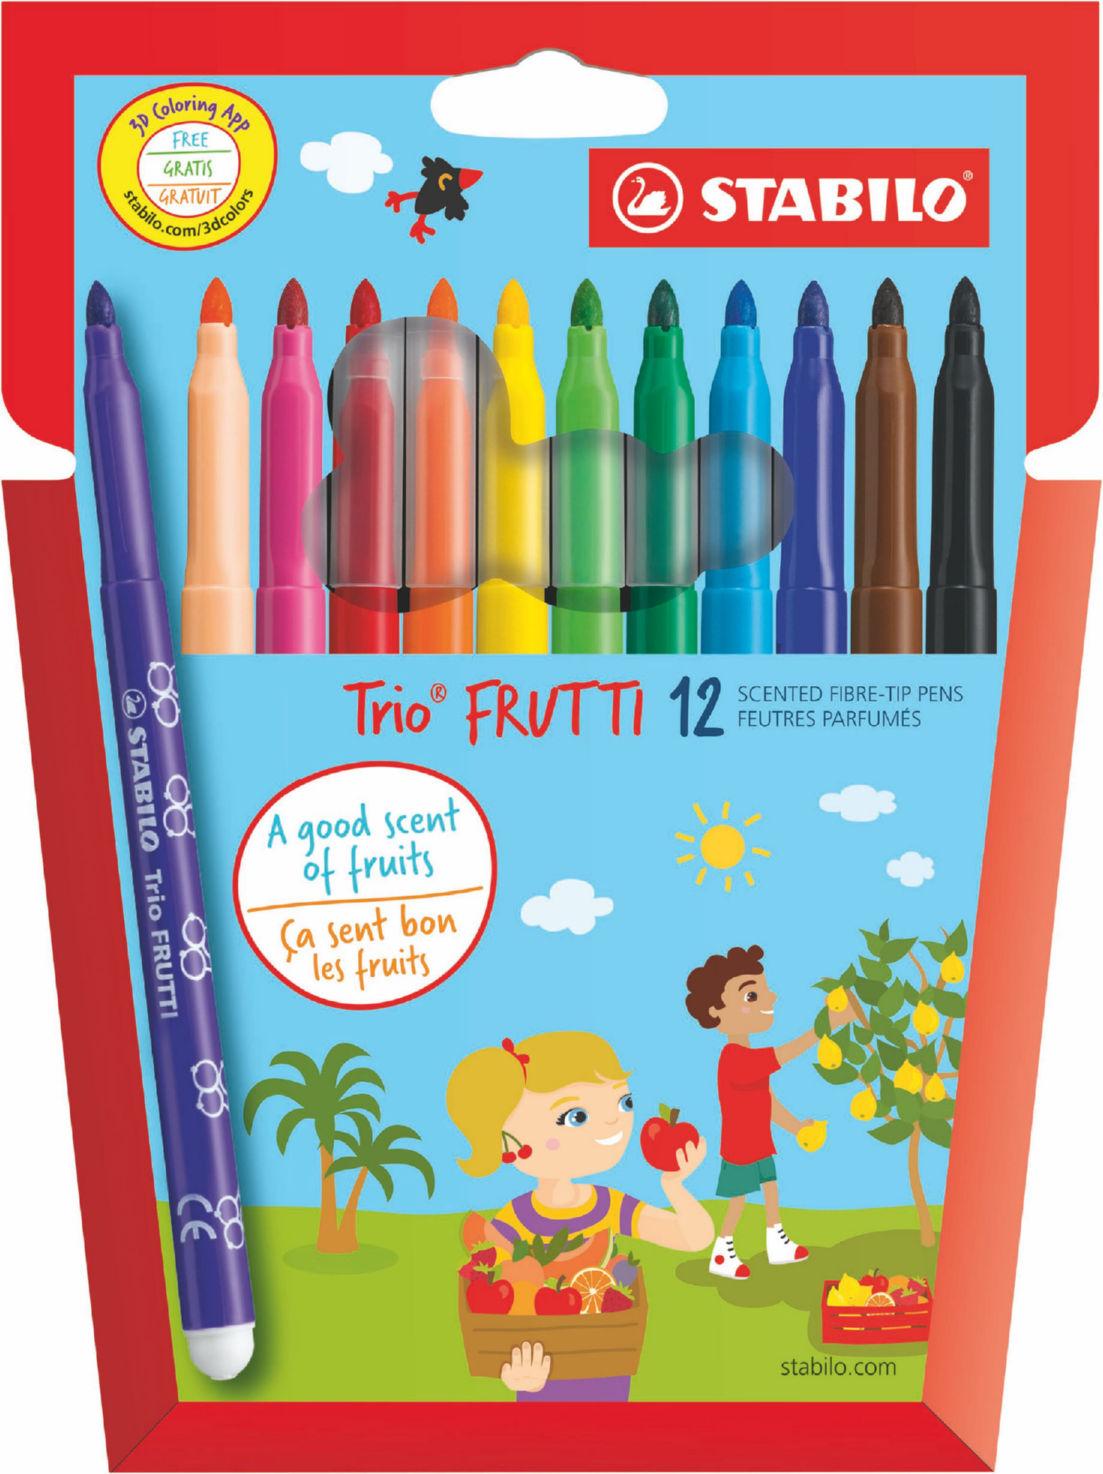 Colouring Pens Stabilo Trio Frutti Scented Felt Pens PK12